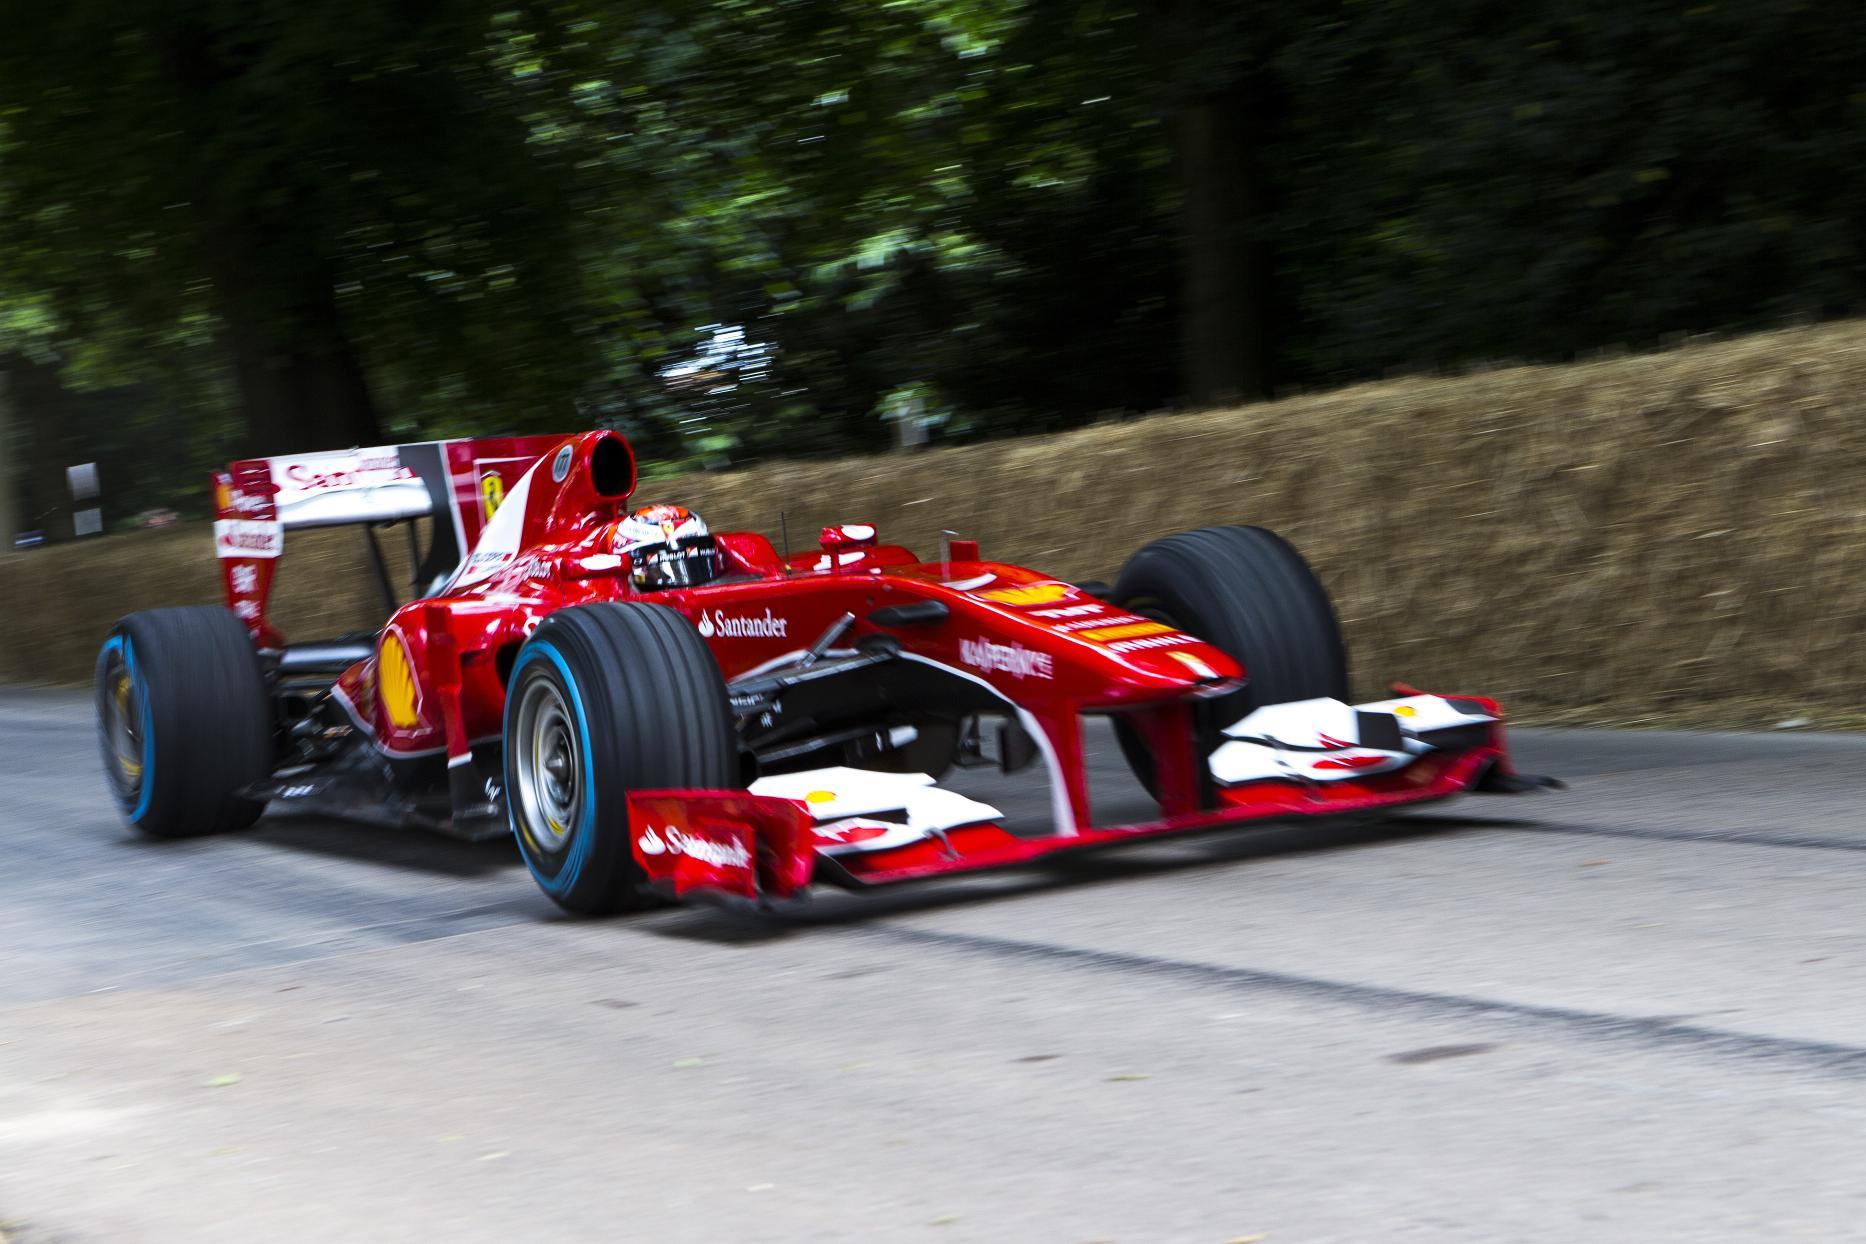 Goodwood Kimi Raikkonen